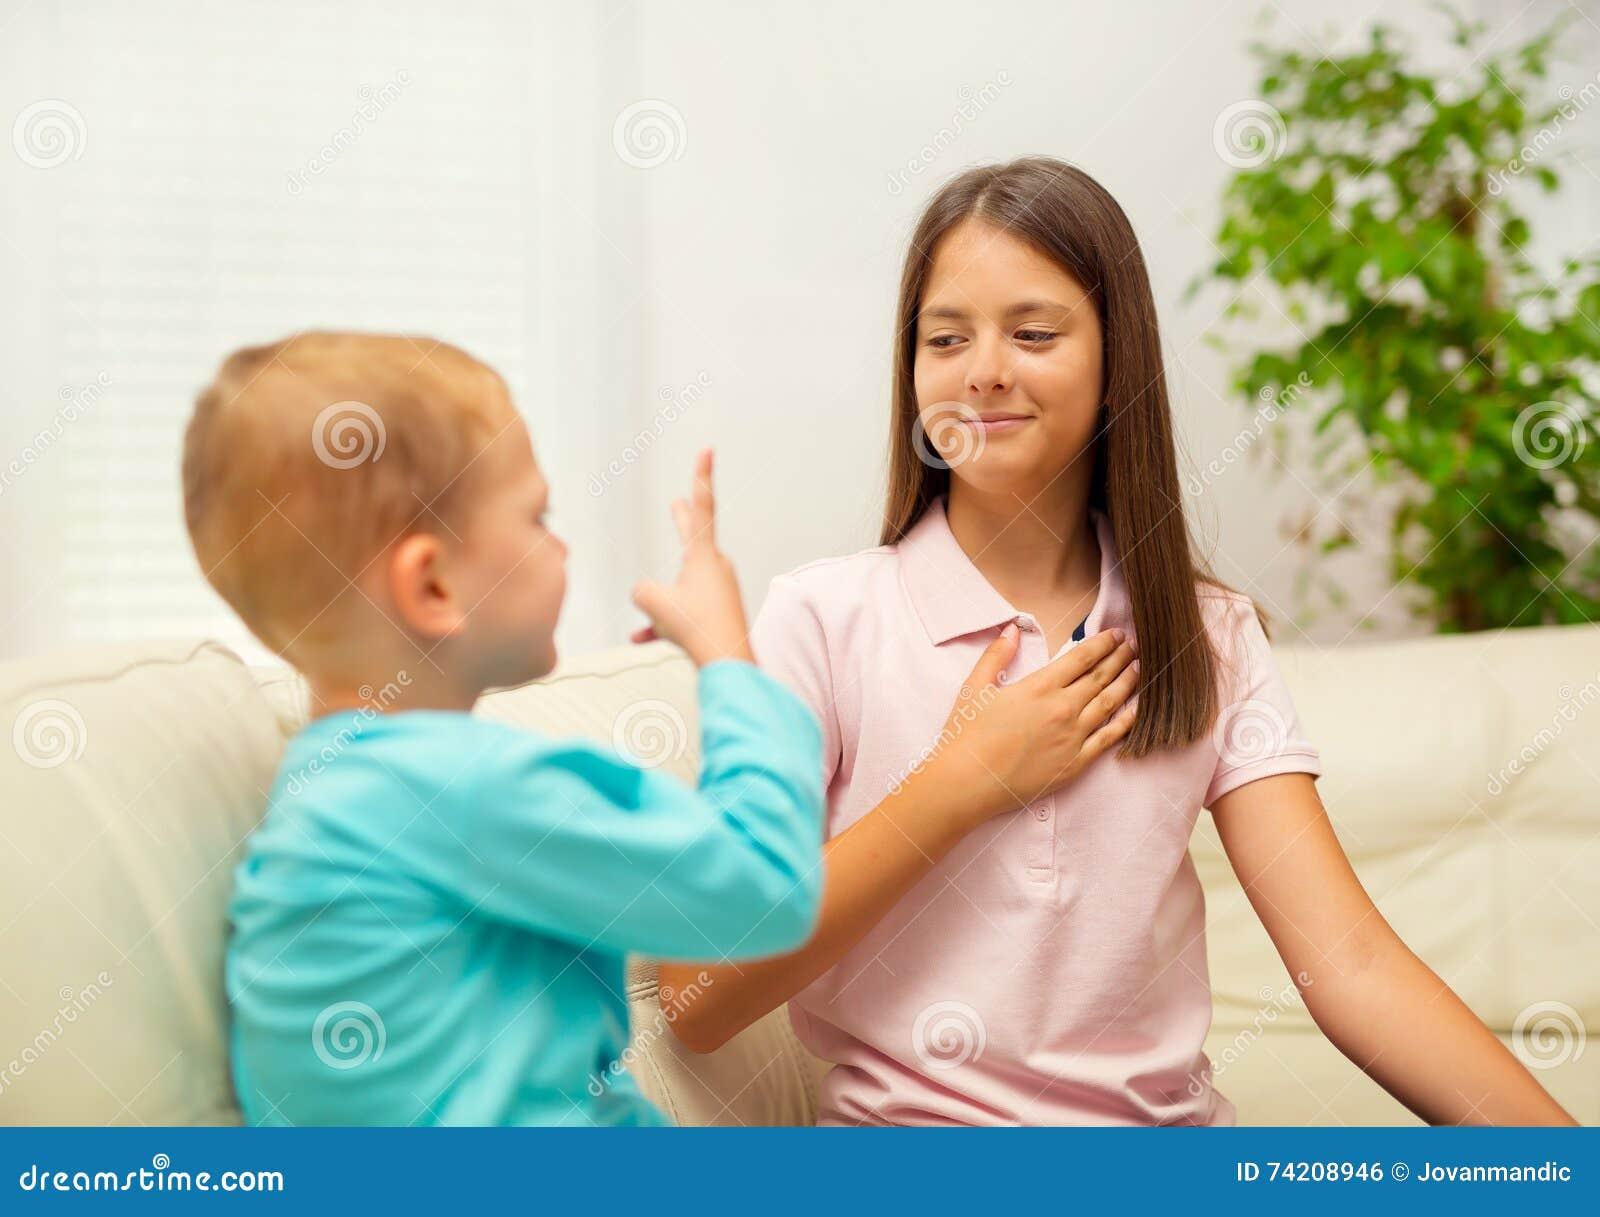 Сестра просит брата трахнуть её в жопу, Брат зашёл к сестре))) смотреть онлайн видео брат 21 фотография